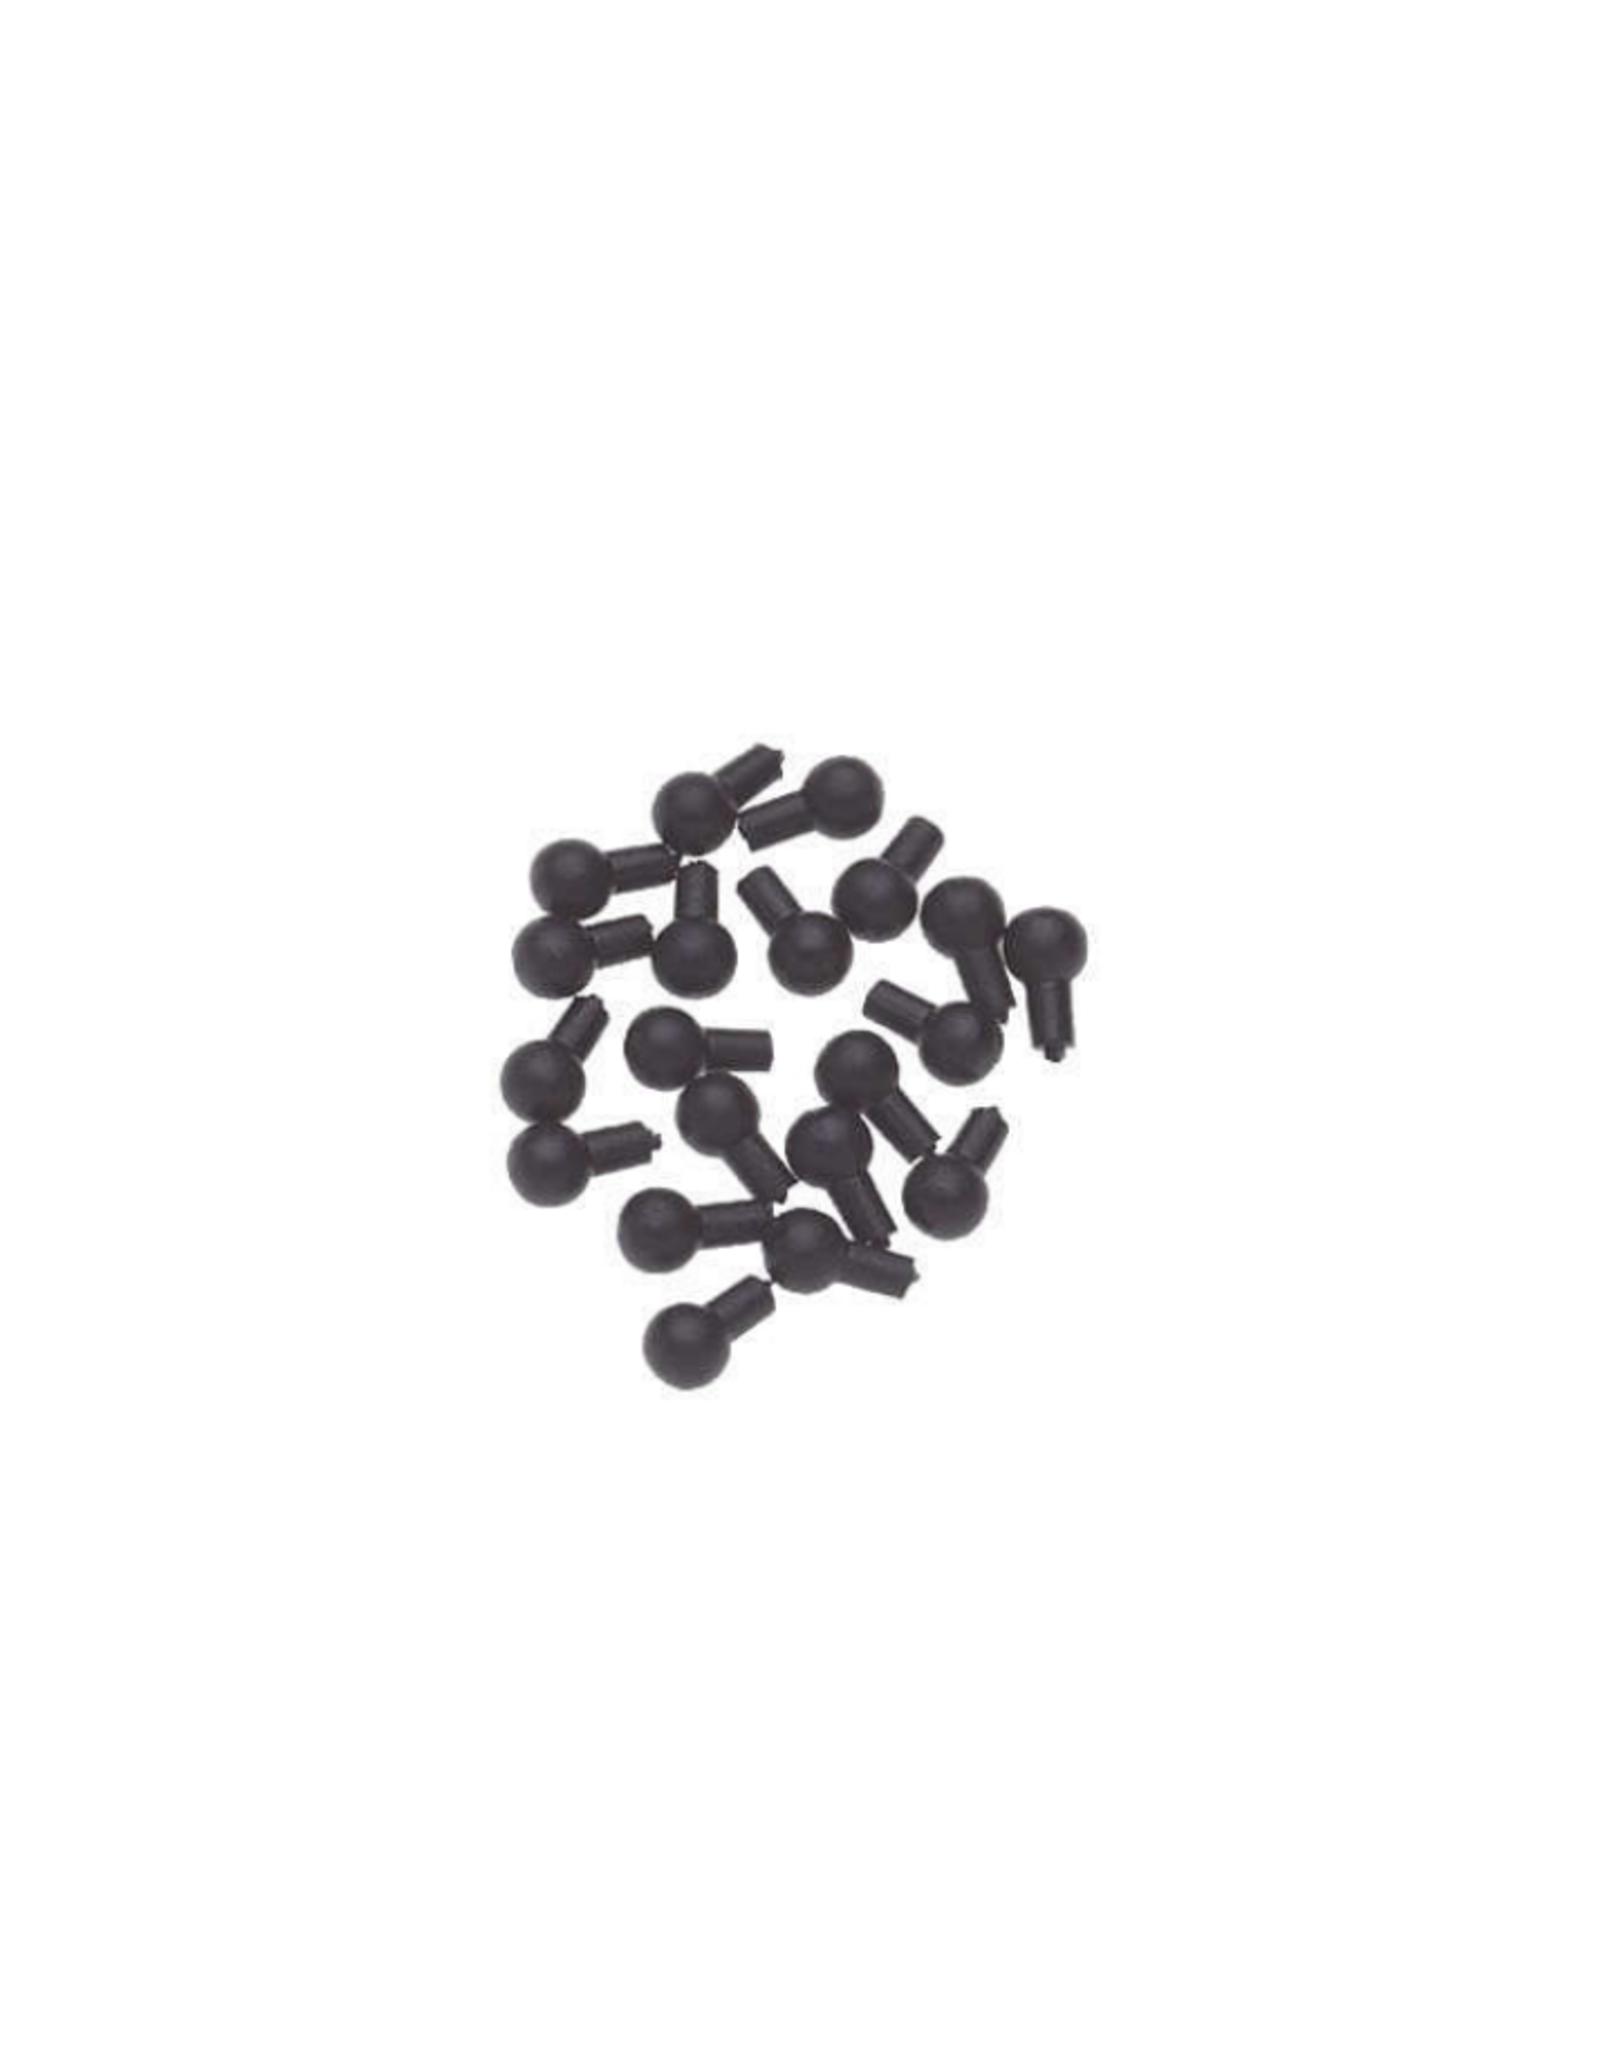 Sleutelpin viool/altviool, zwart, 20 st., DOOS